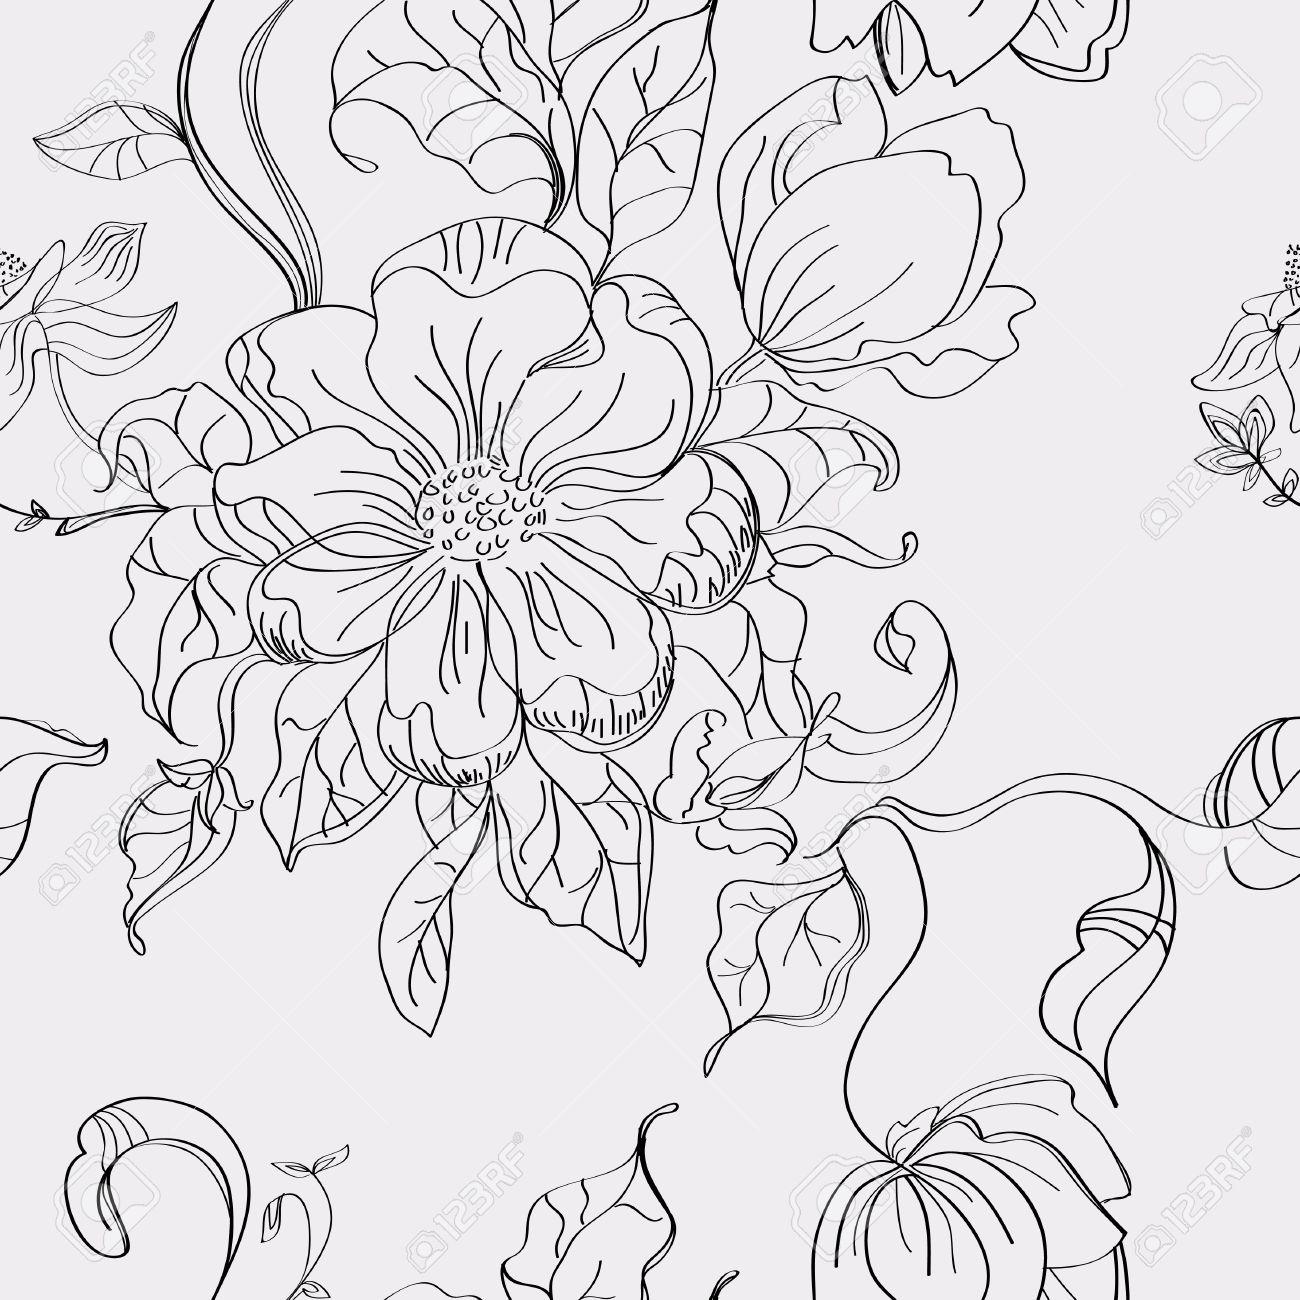 シームレスな花柄手描きのイラストのイラスト素材ベクタ Image